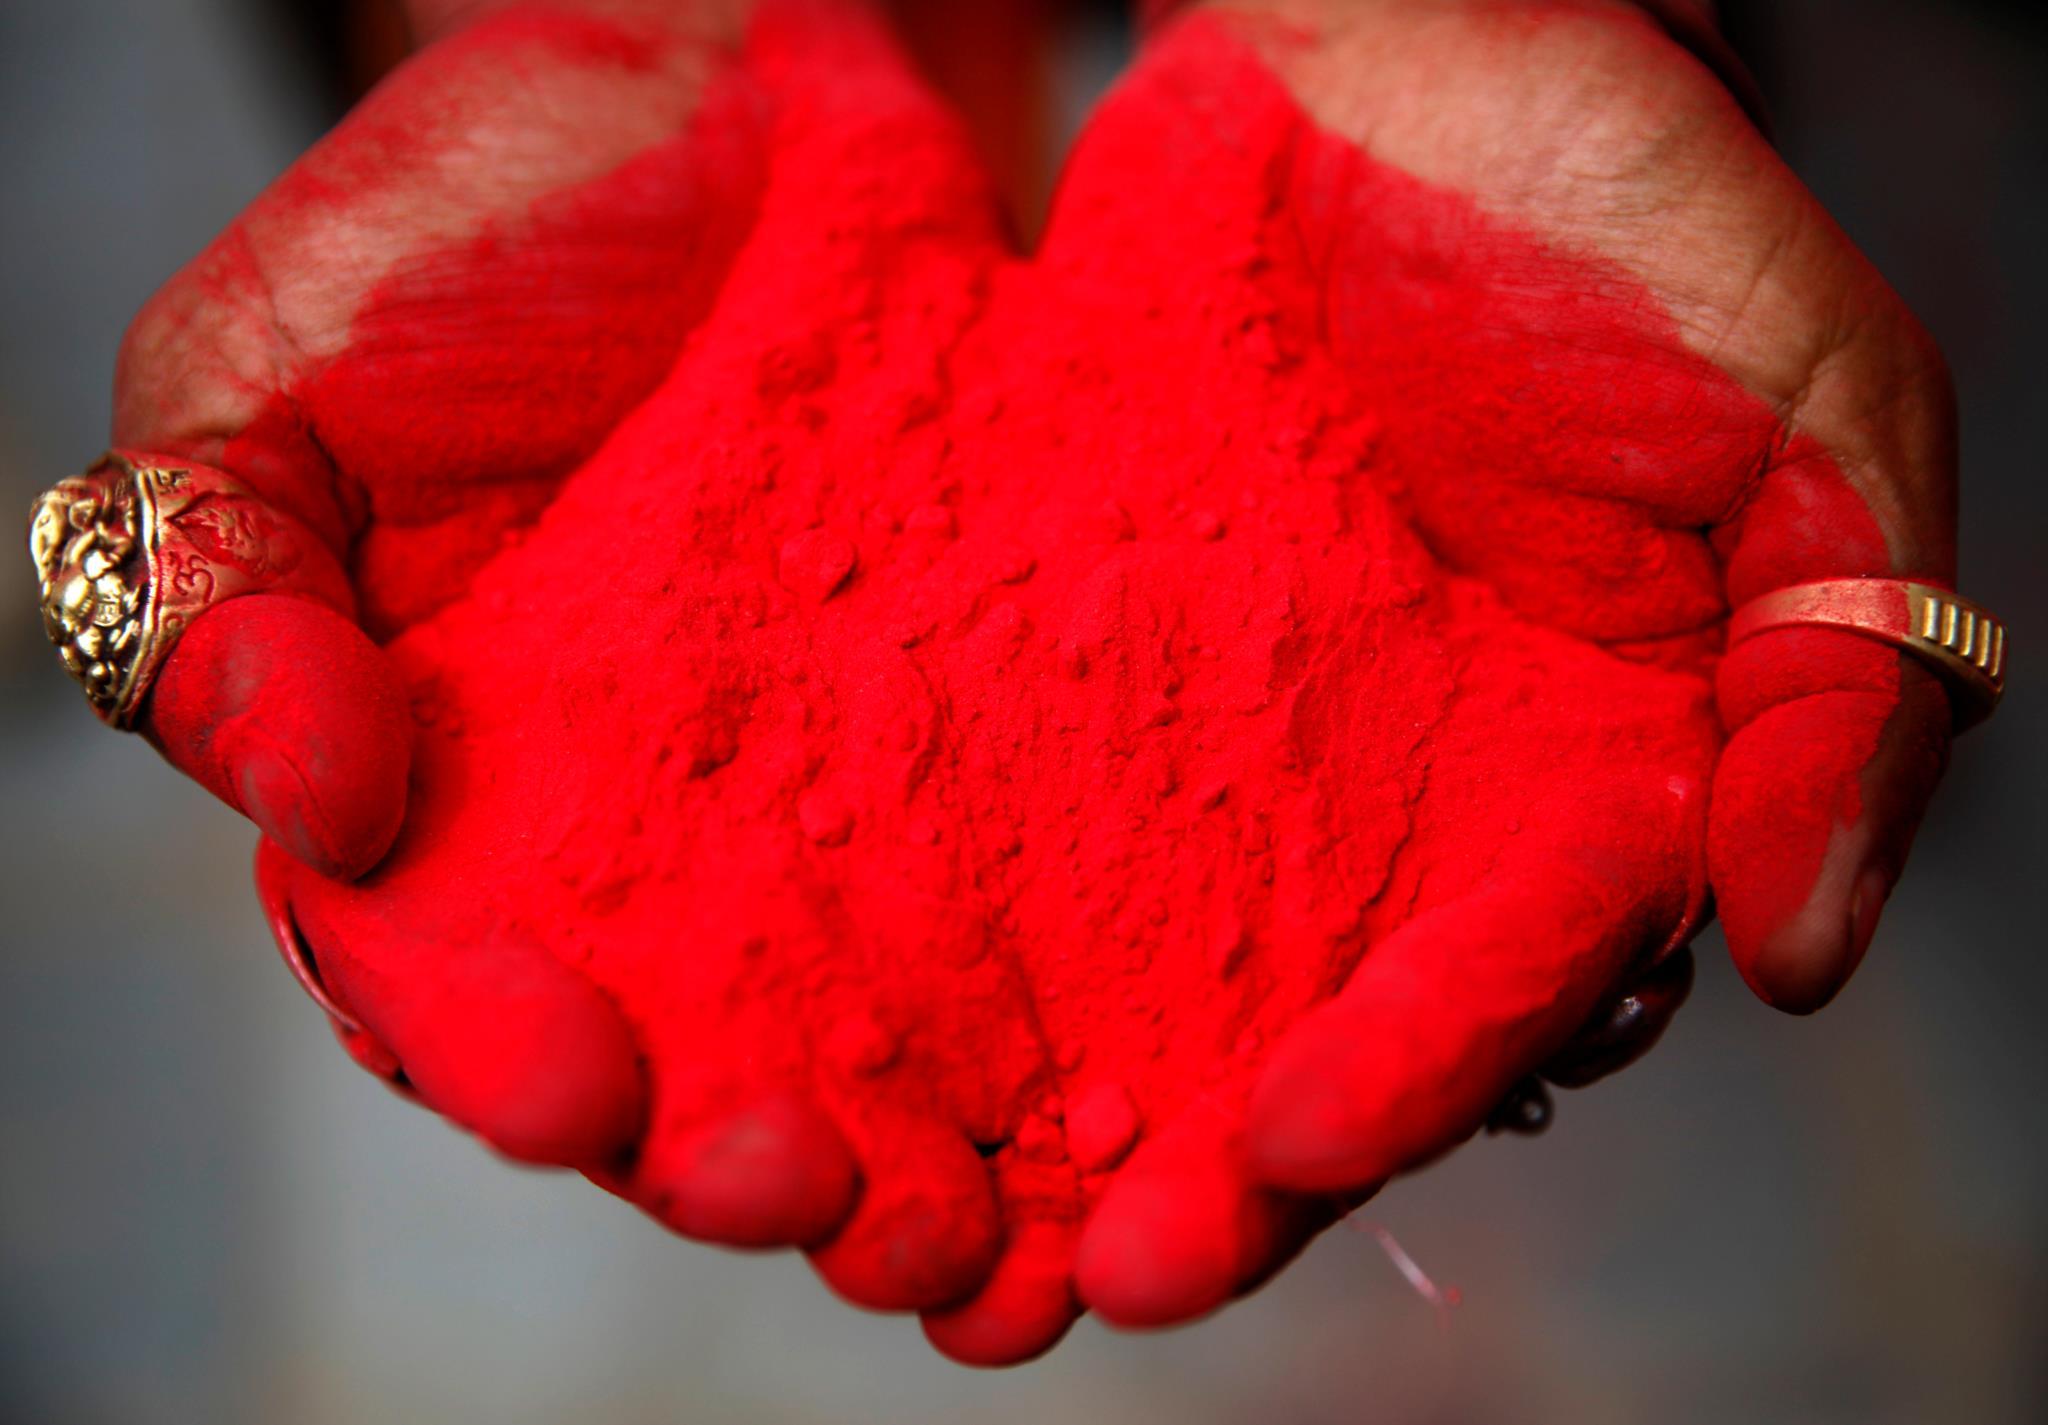 O pó vermelho que será lançado ao ar no Nepal, onde o Festival das Cores também é celebrado